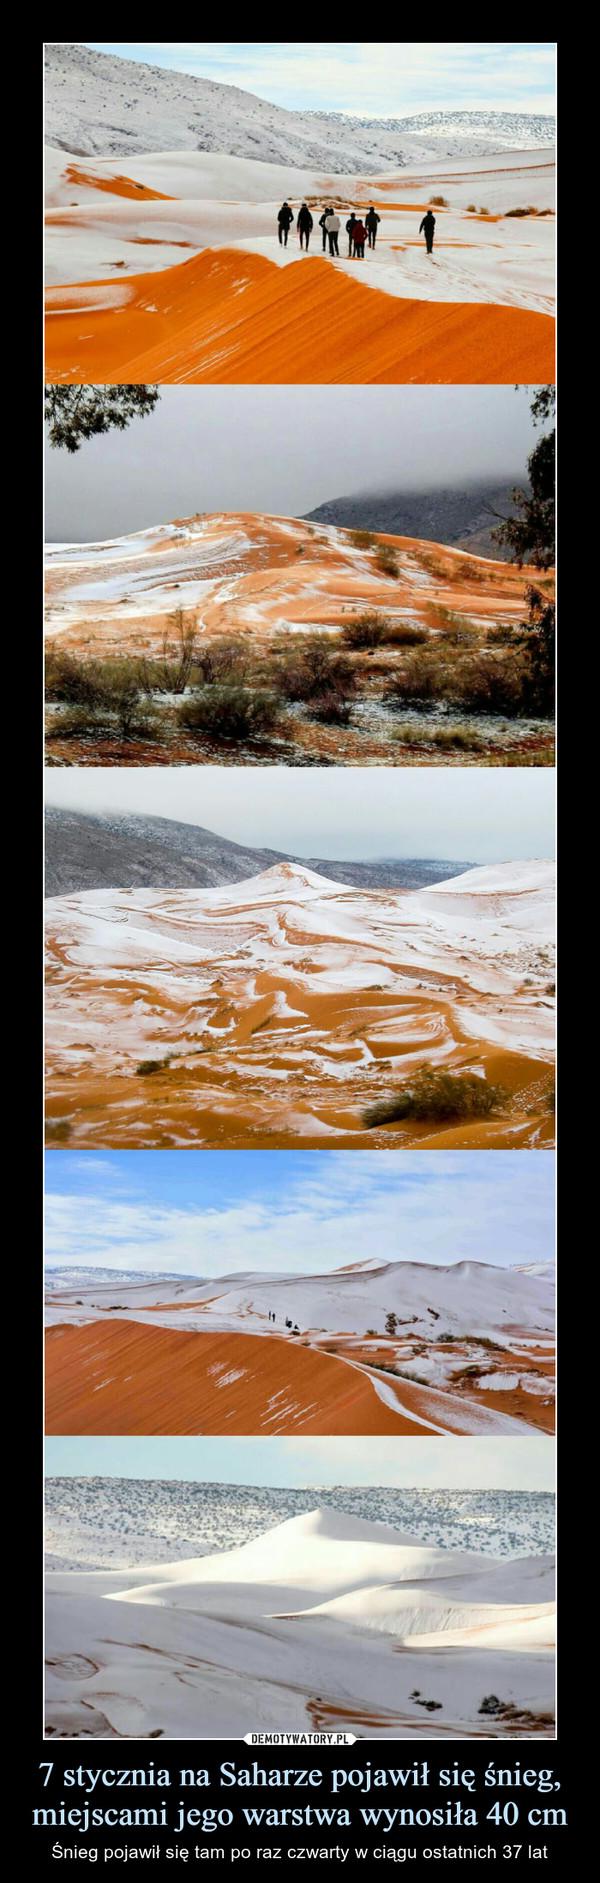 7 stycznia na Saharze pojawił się śnieg, miejscami jego warstwa wynosiła 40 cm – Śnieg pojawił się tam po raz czwarty w ciągu ostatnich 37 lat